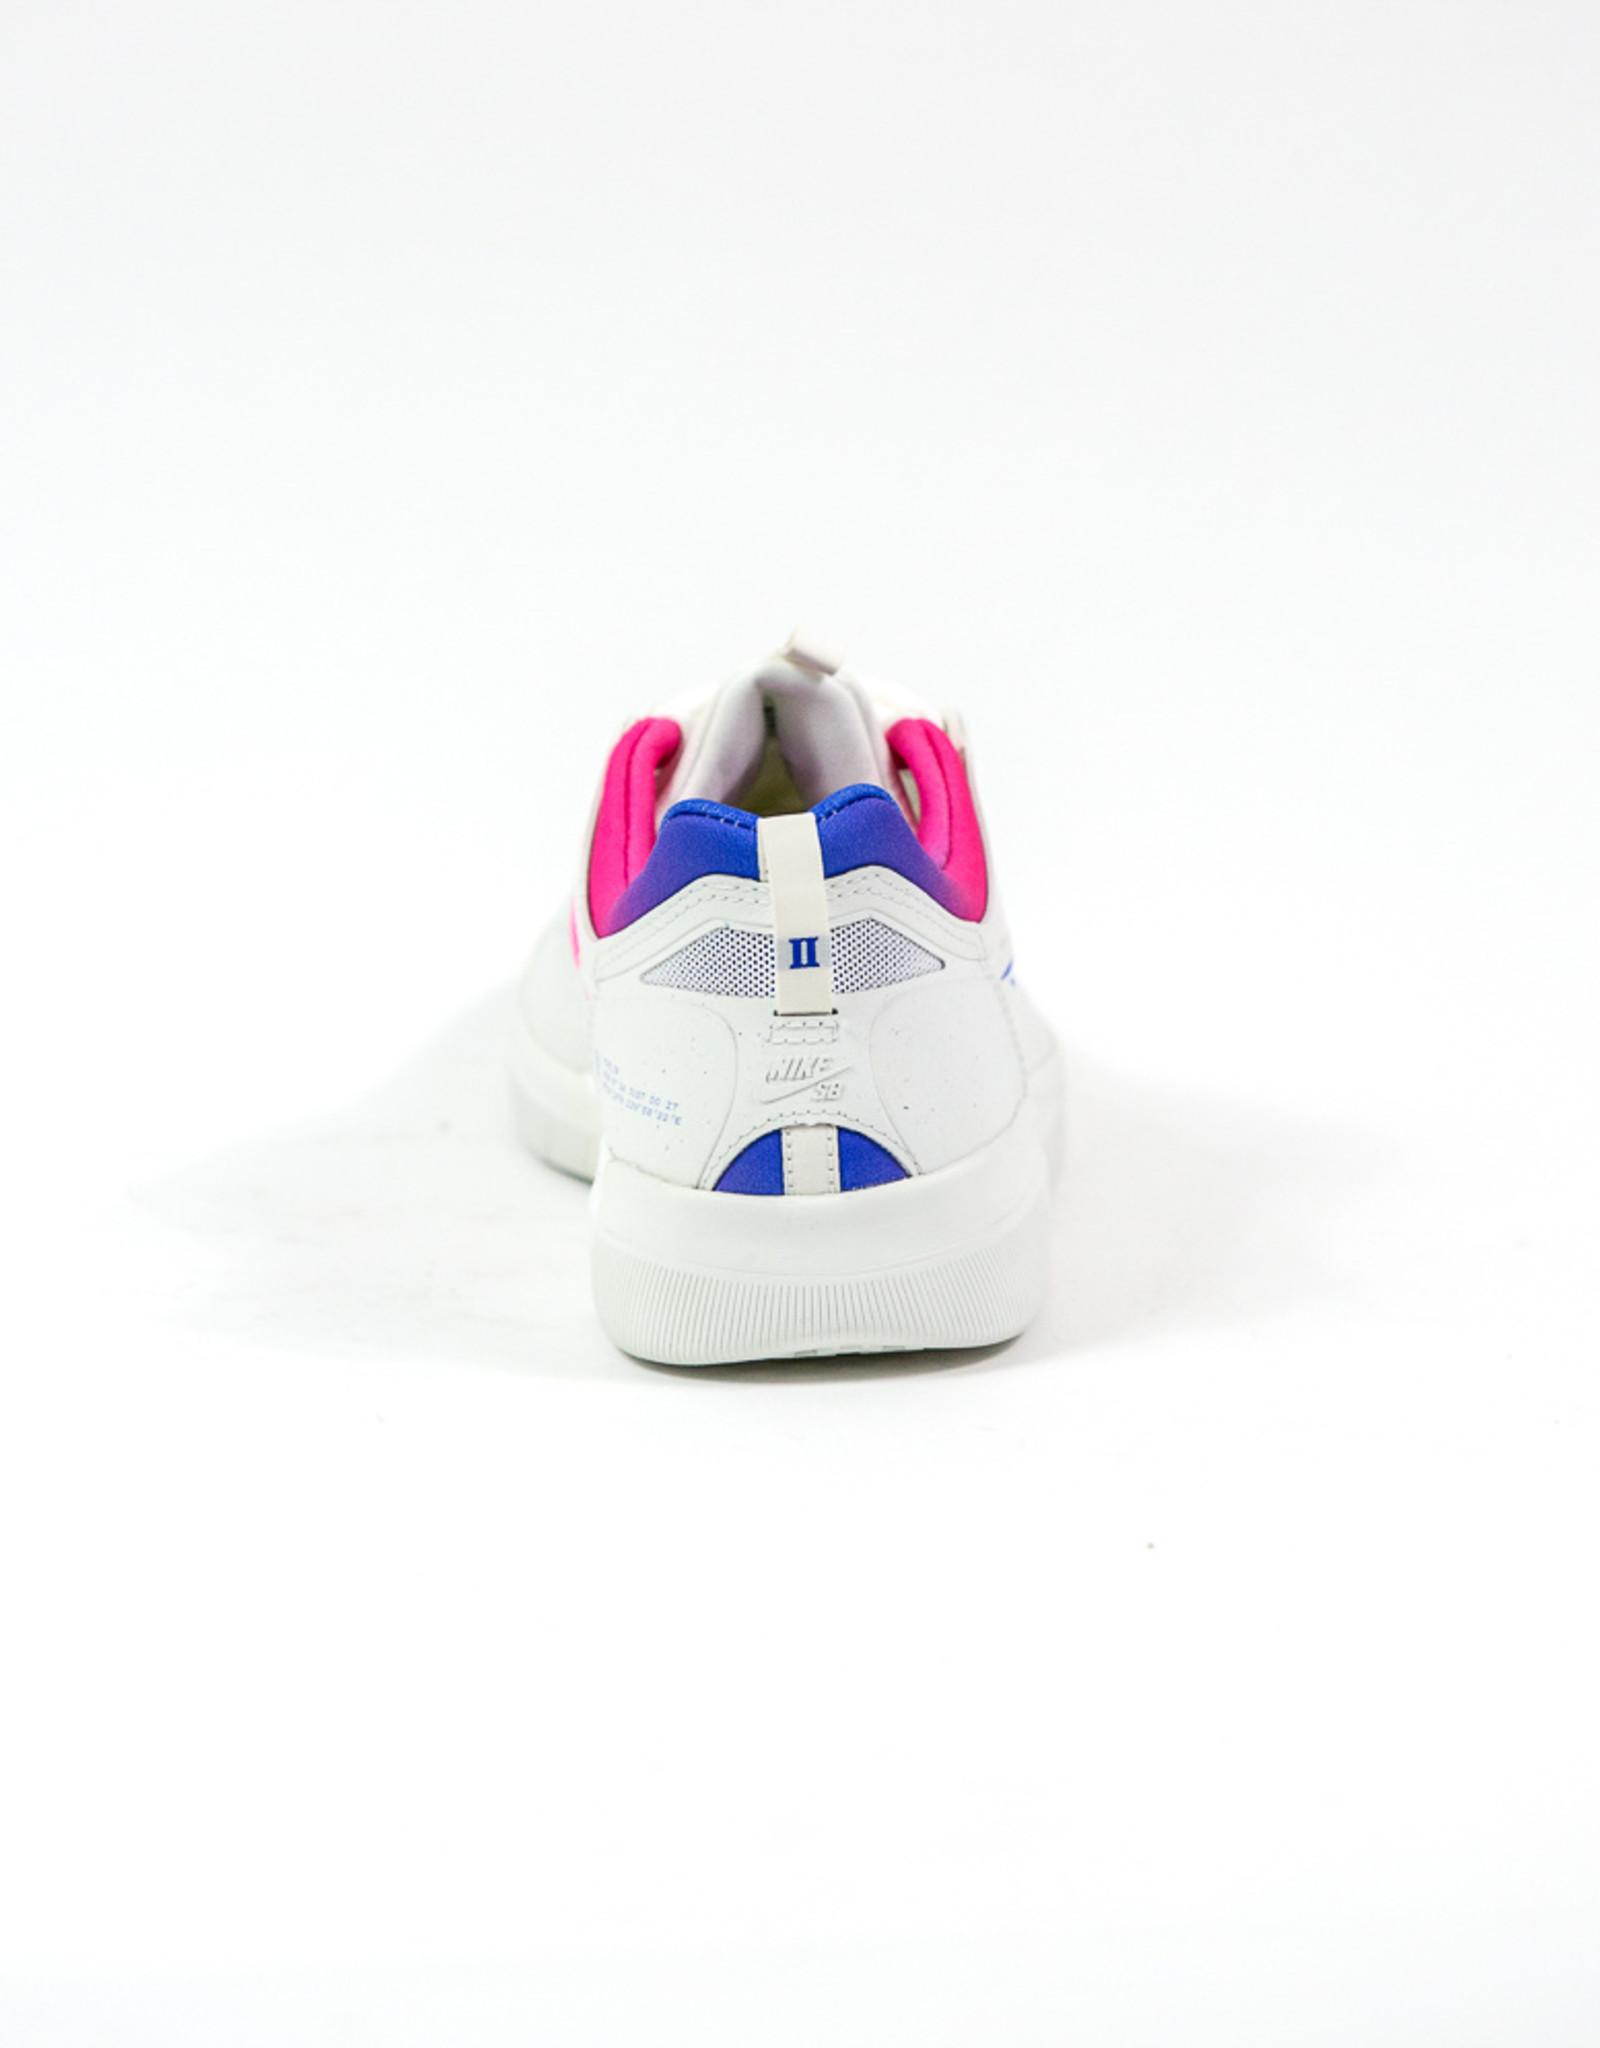 NIKE NIKE SB NYJAH FREE 2.0 T - SUMMIT WHITE/RACER BLUE